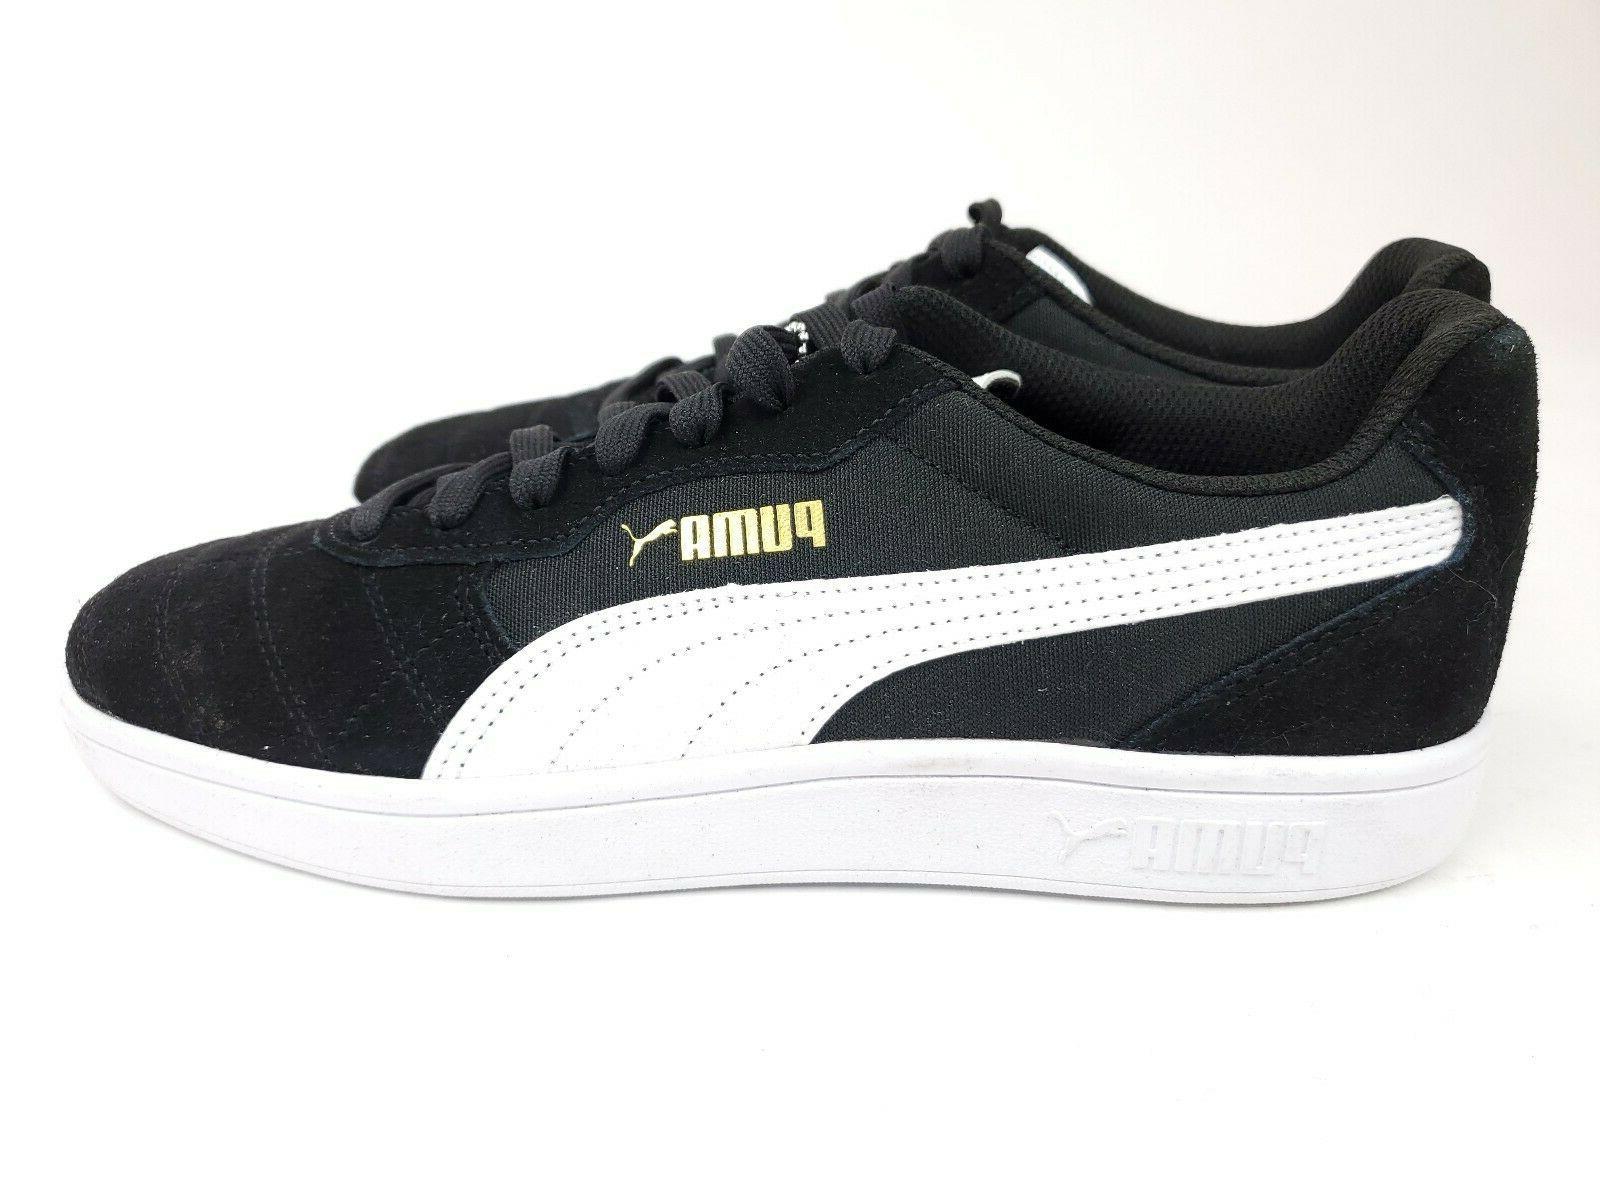 PUMA Astro Sneakers Men Size 9